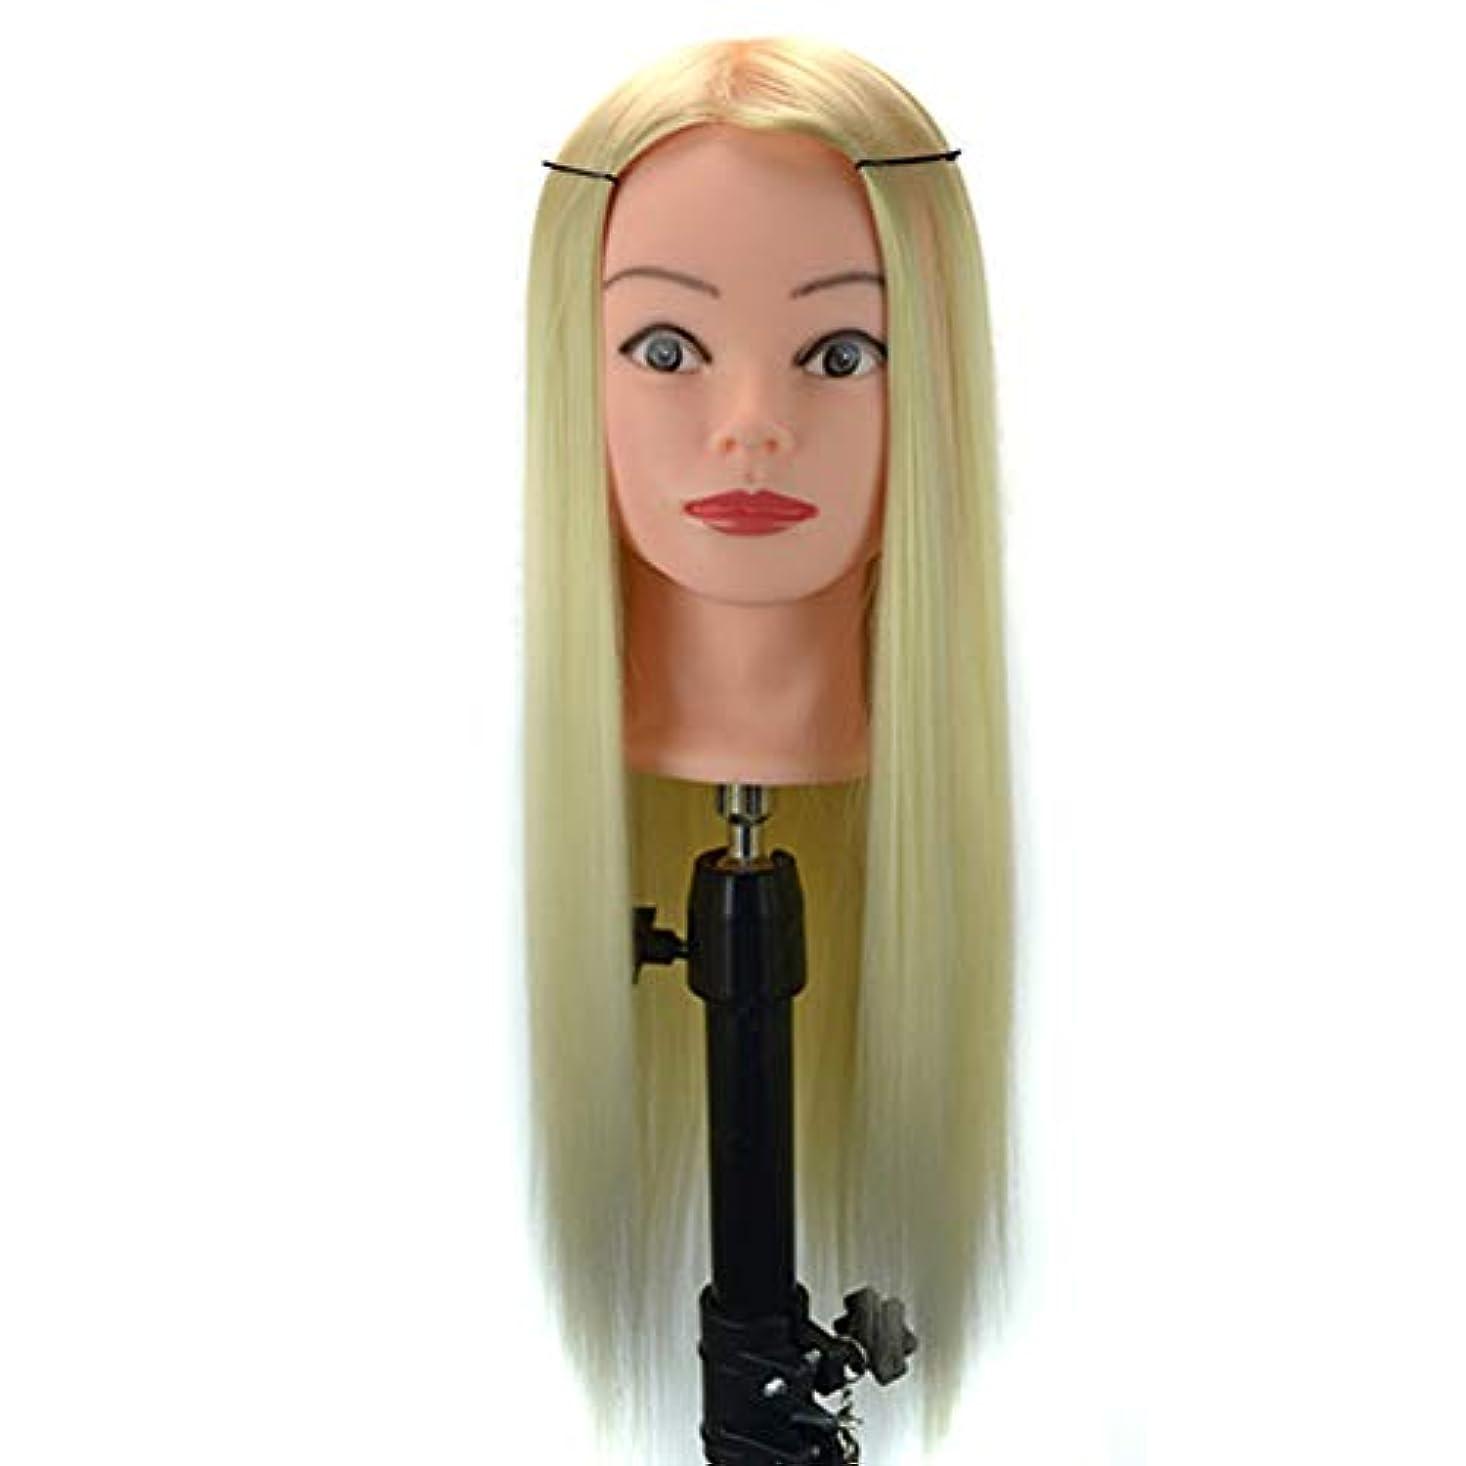 パンツ計算する地域の高温ワイヤートレーニングヘッド理髪マネキン人形ヘッドメイクプレートヘアー練習帽子ジュエリーディスプレイヘッド金型,offwhite